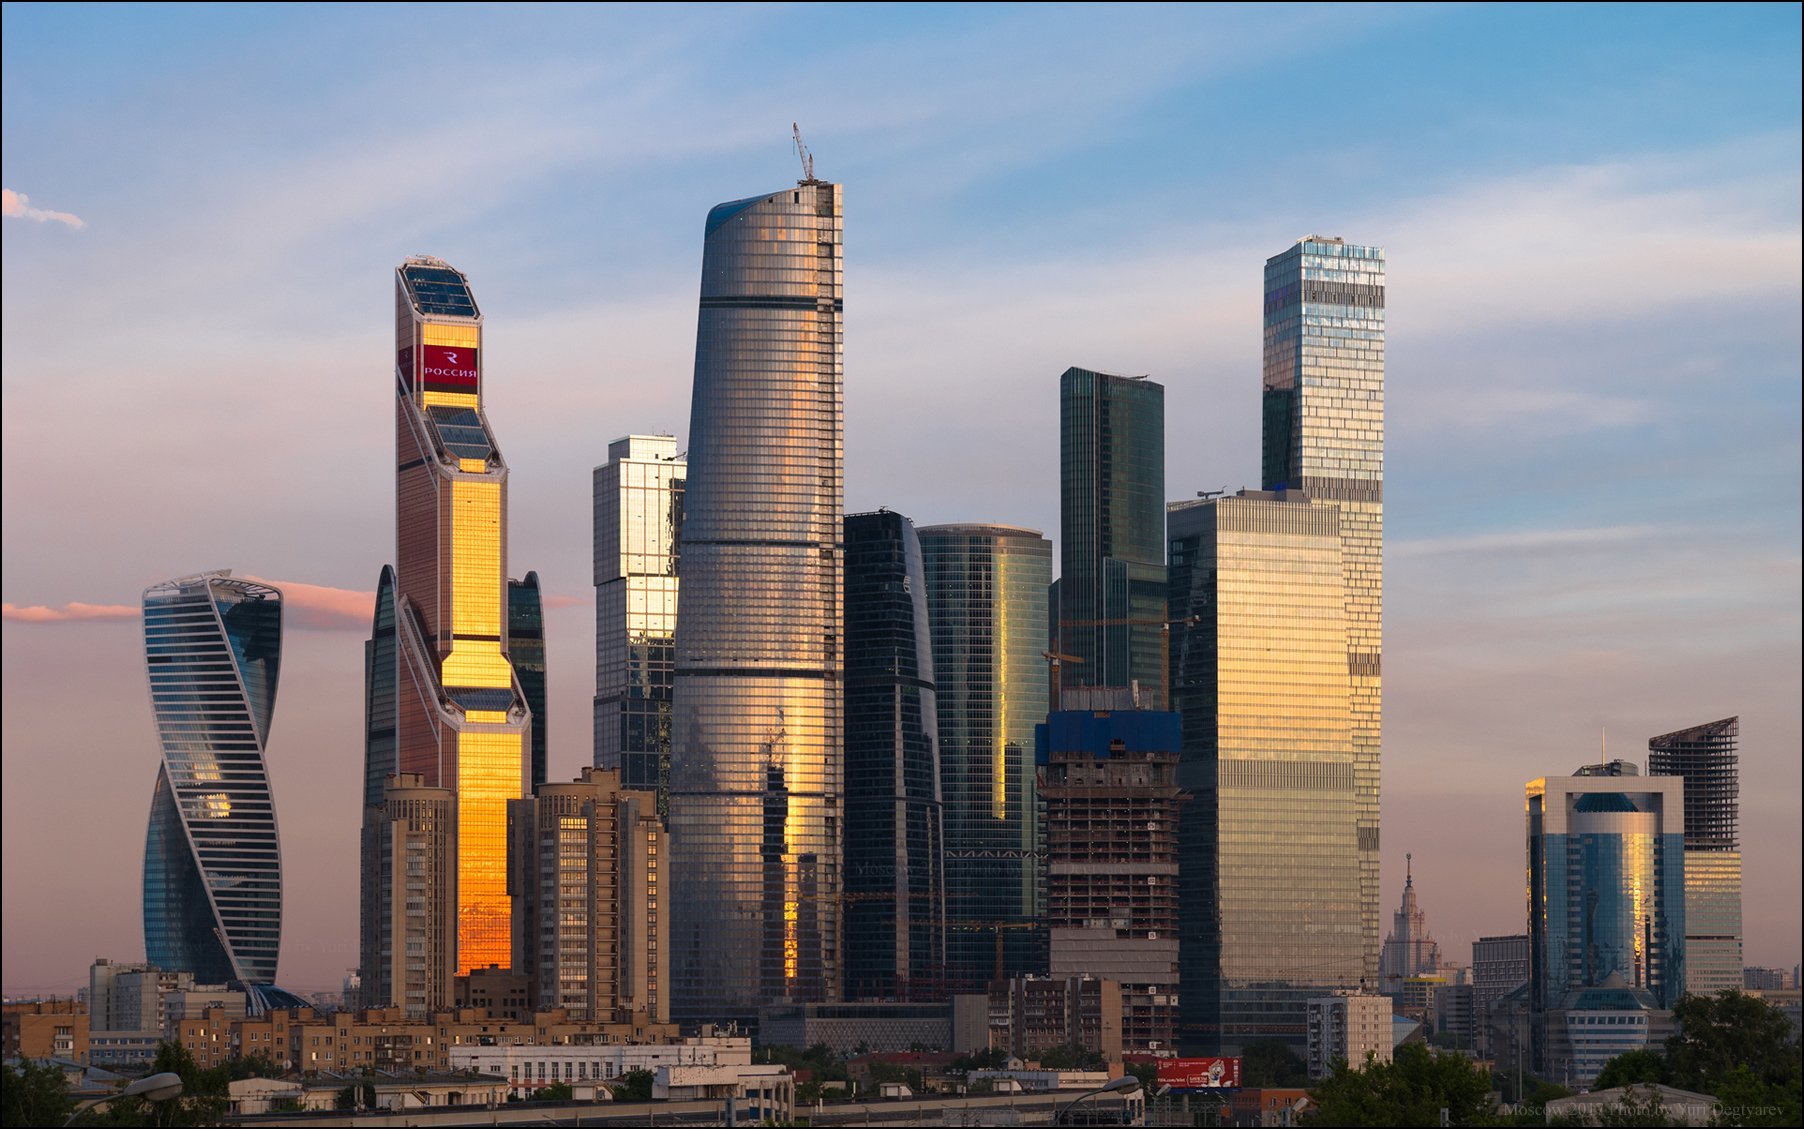 город, Москва, Сити, высотки, небоскребы, Юрий Дегтярёв